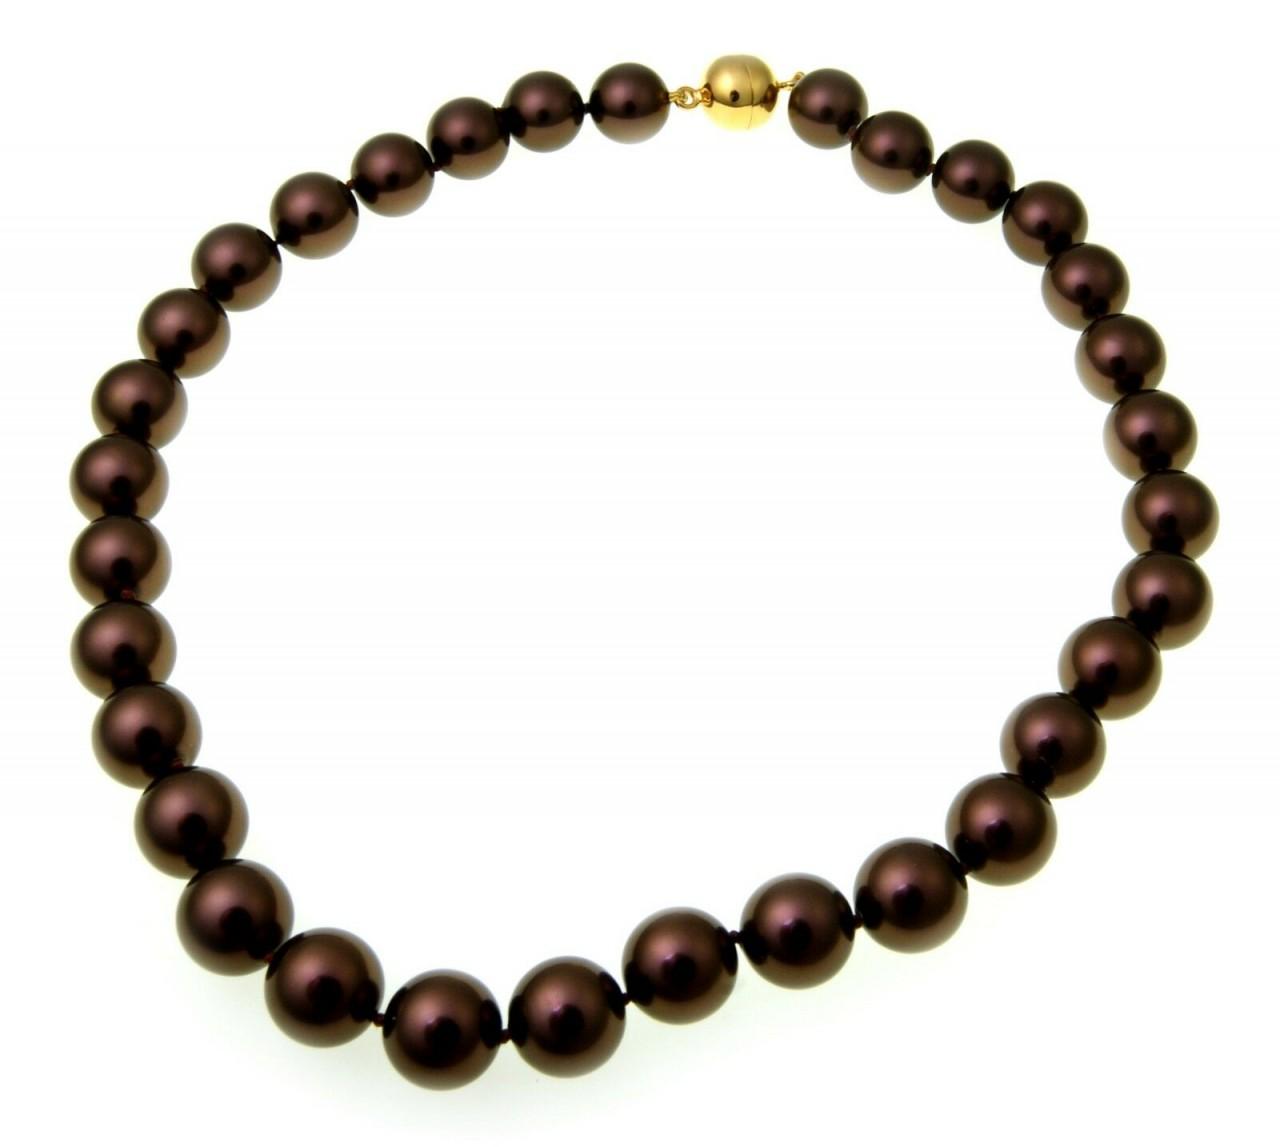 Damen Halskette Muschelkernperlen schoko 12 mm Silber 925 Perlen Sterlingsilber